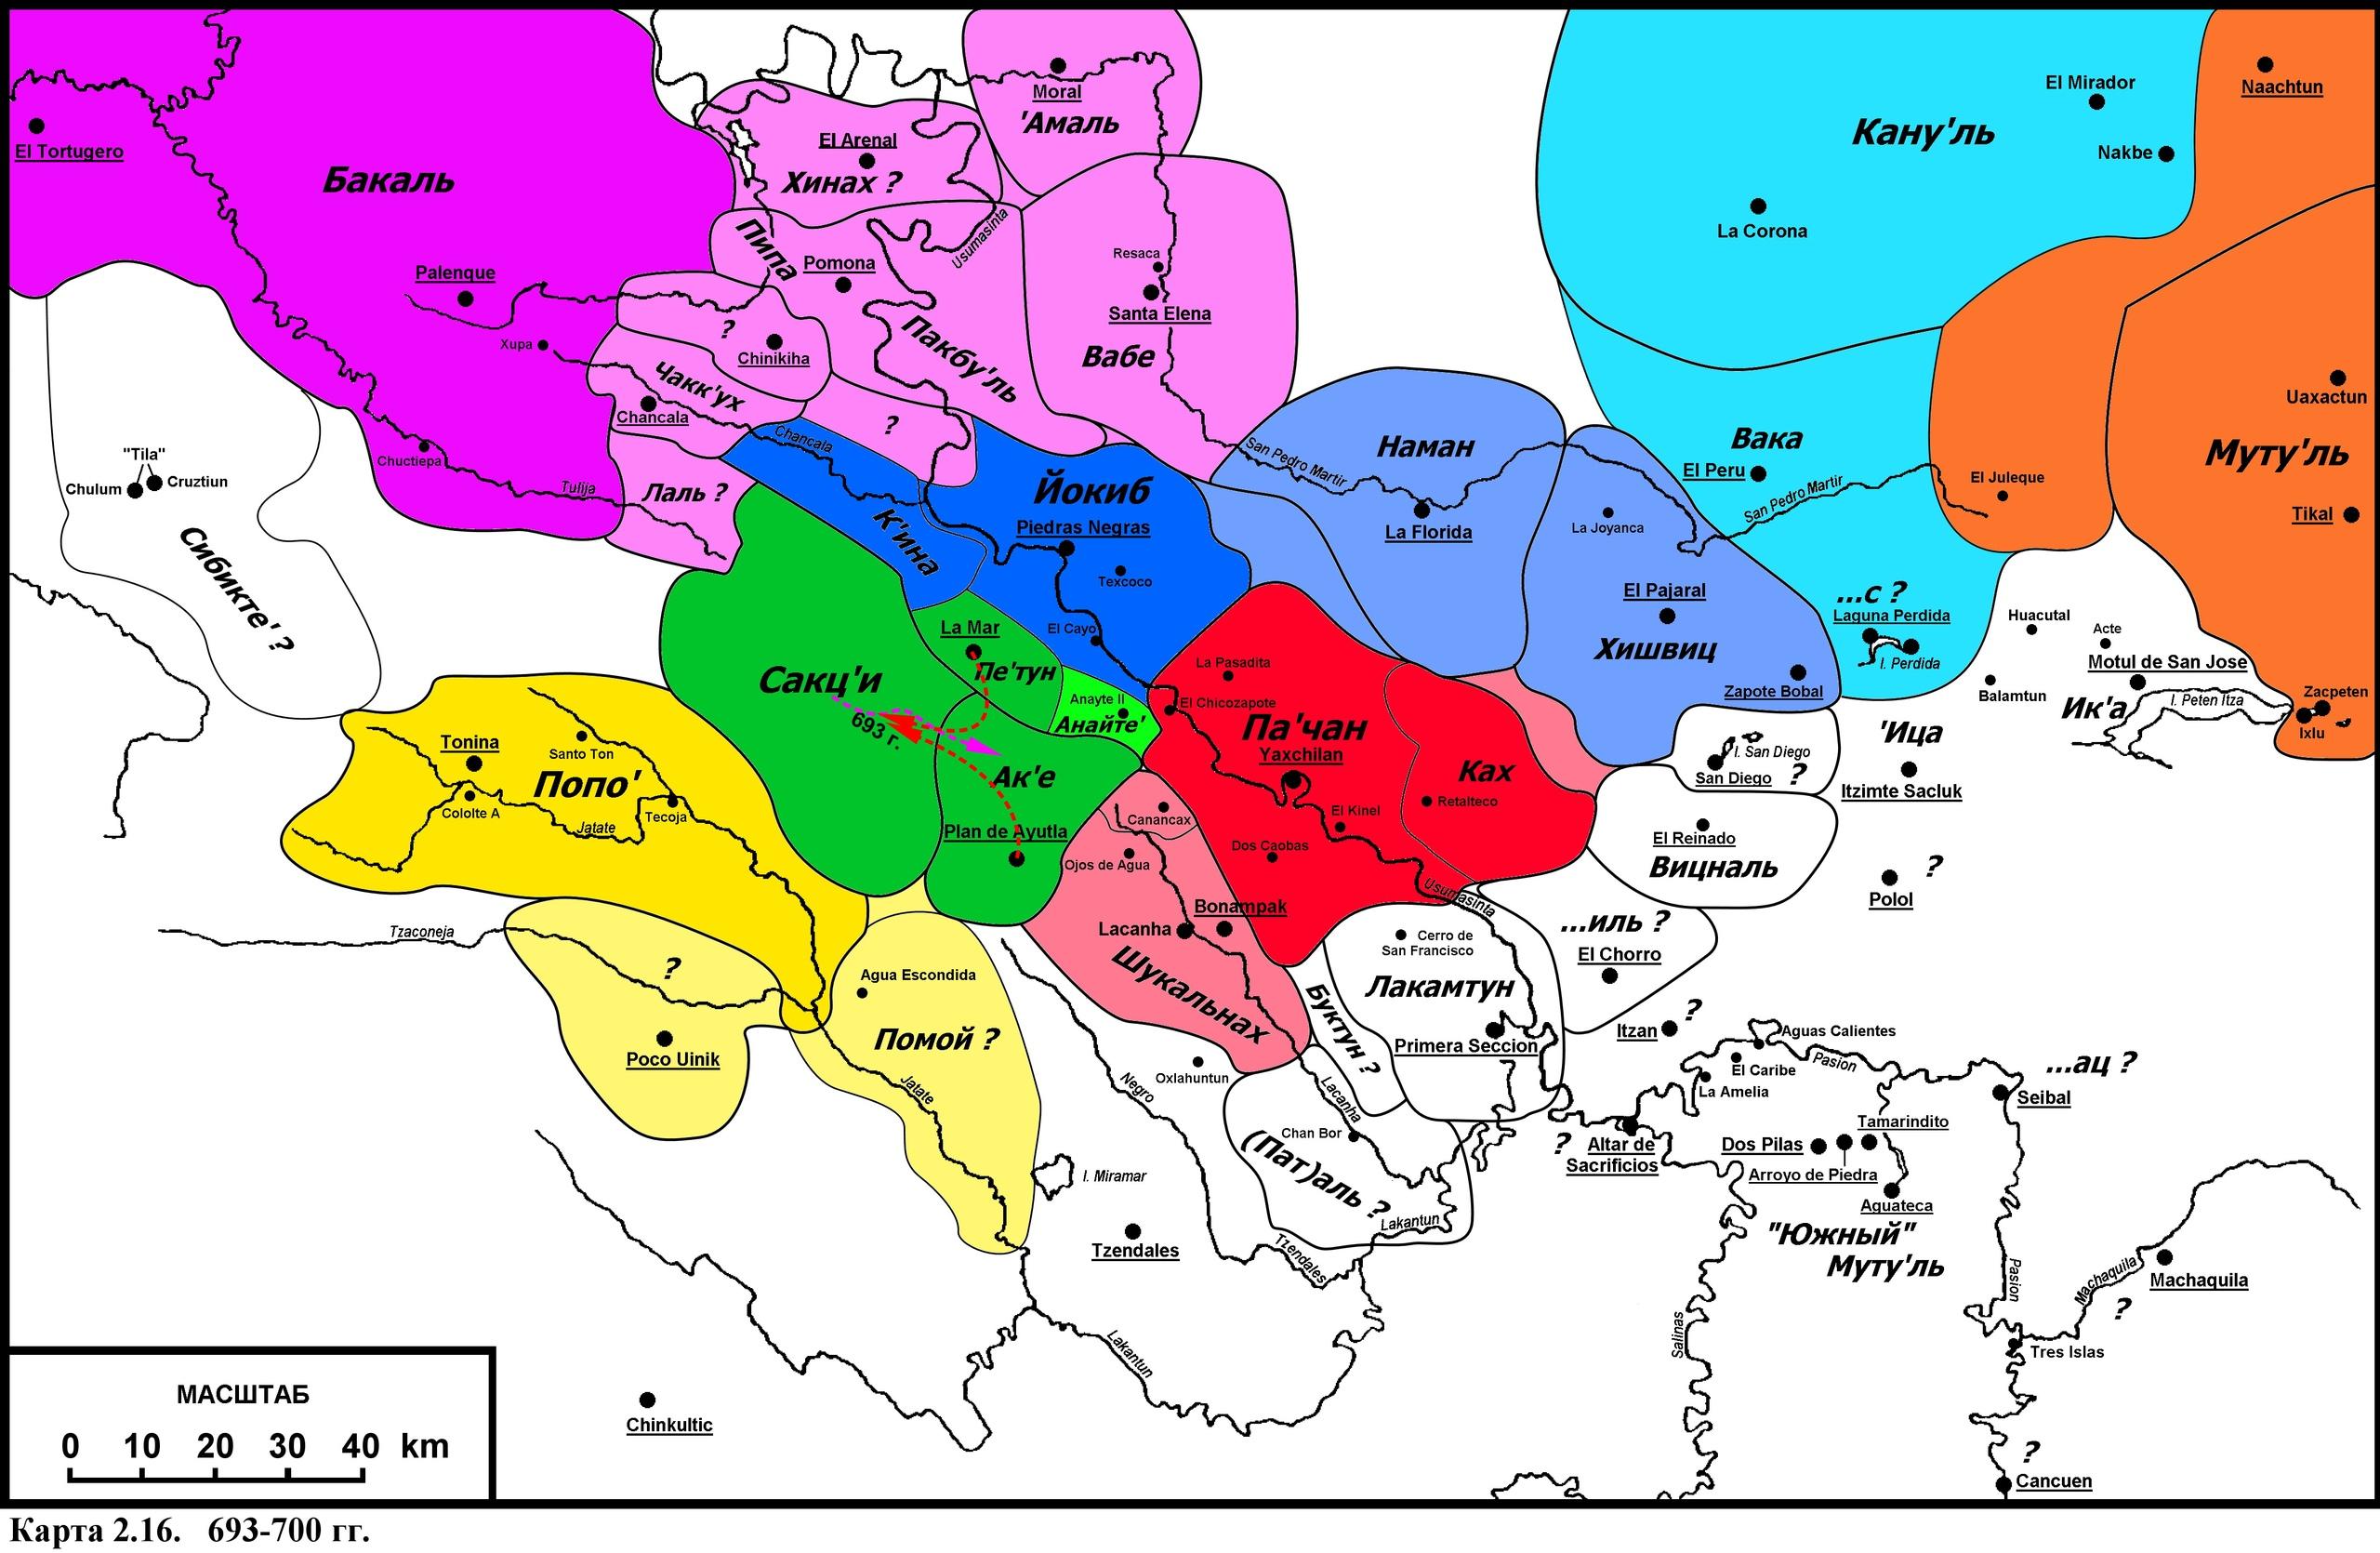 Походы Пе'туна и Ак'е против Сакц'и в 693 г.